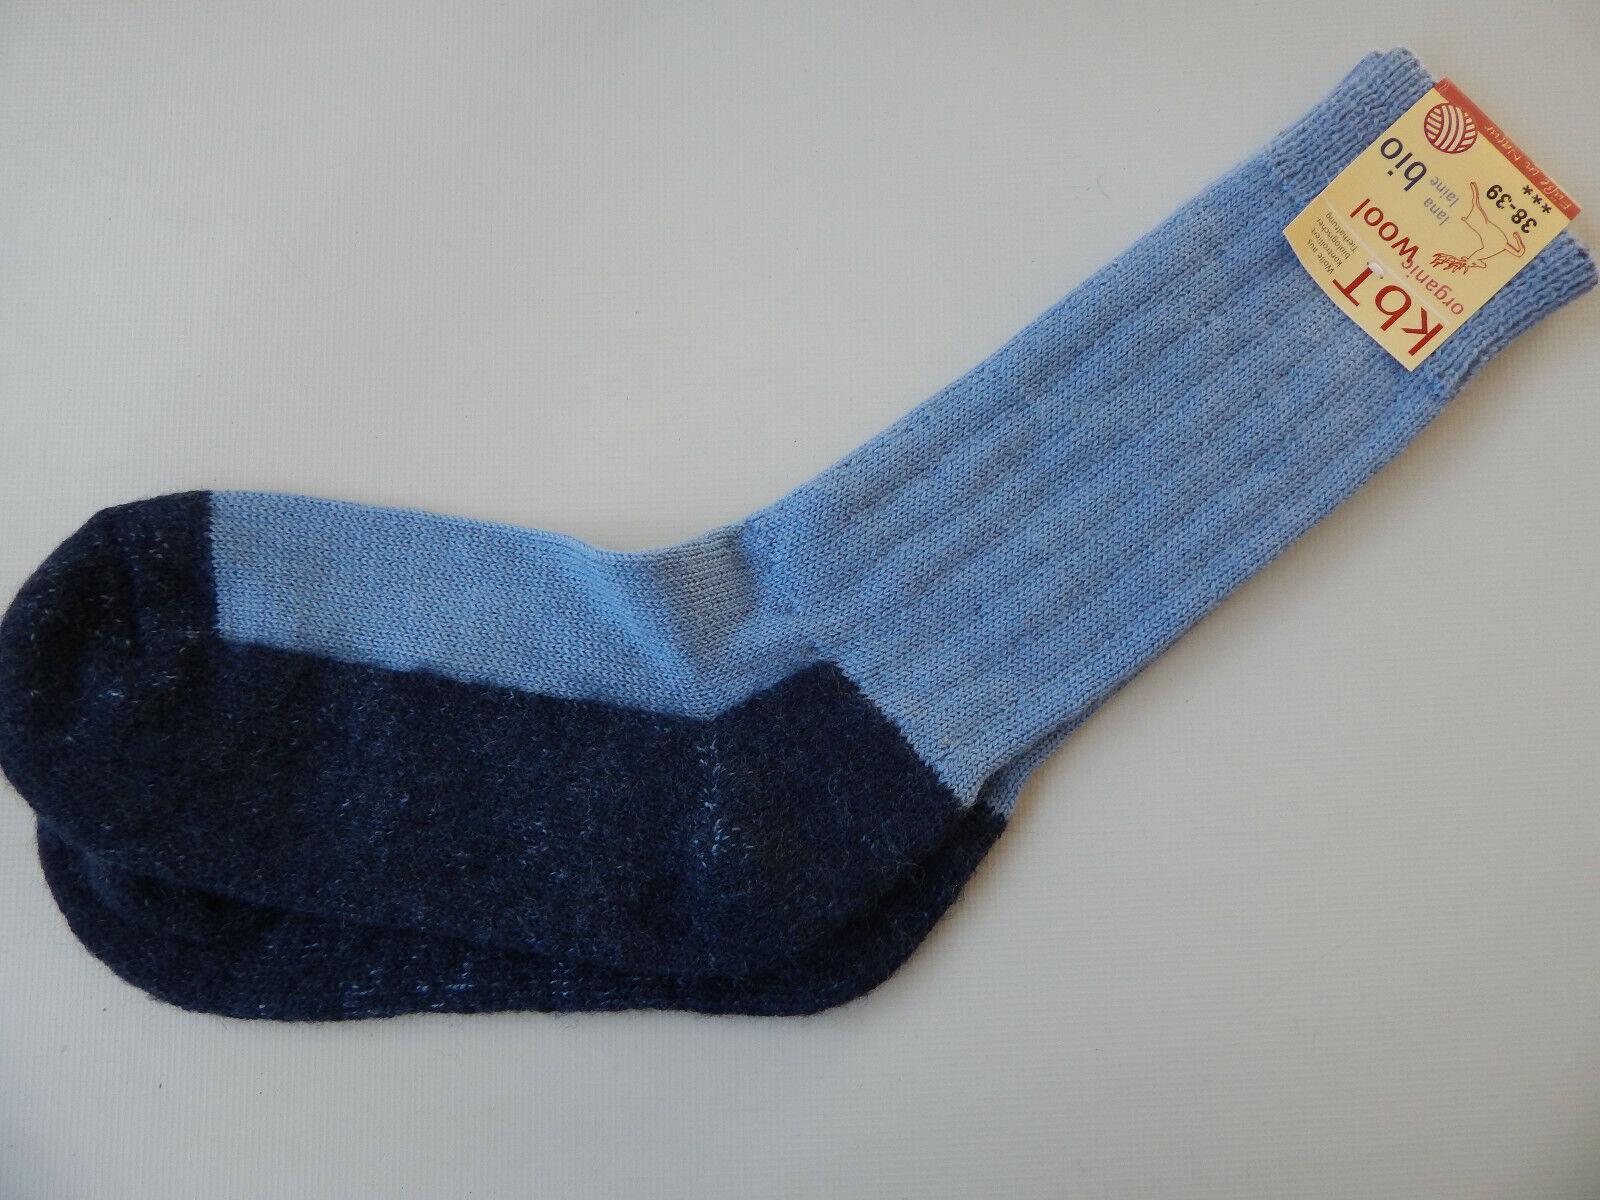 Hirsch-Natur Trekking- Wandersocke melange Bio Wolle 100%Schurwolle kbT Socken